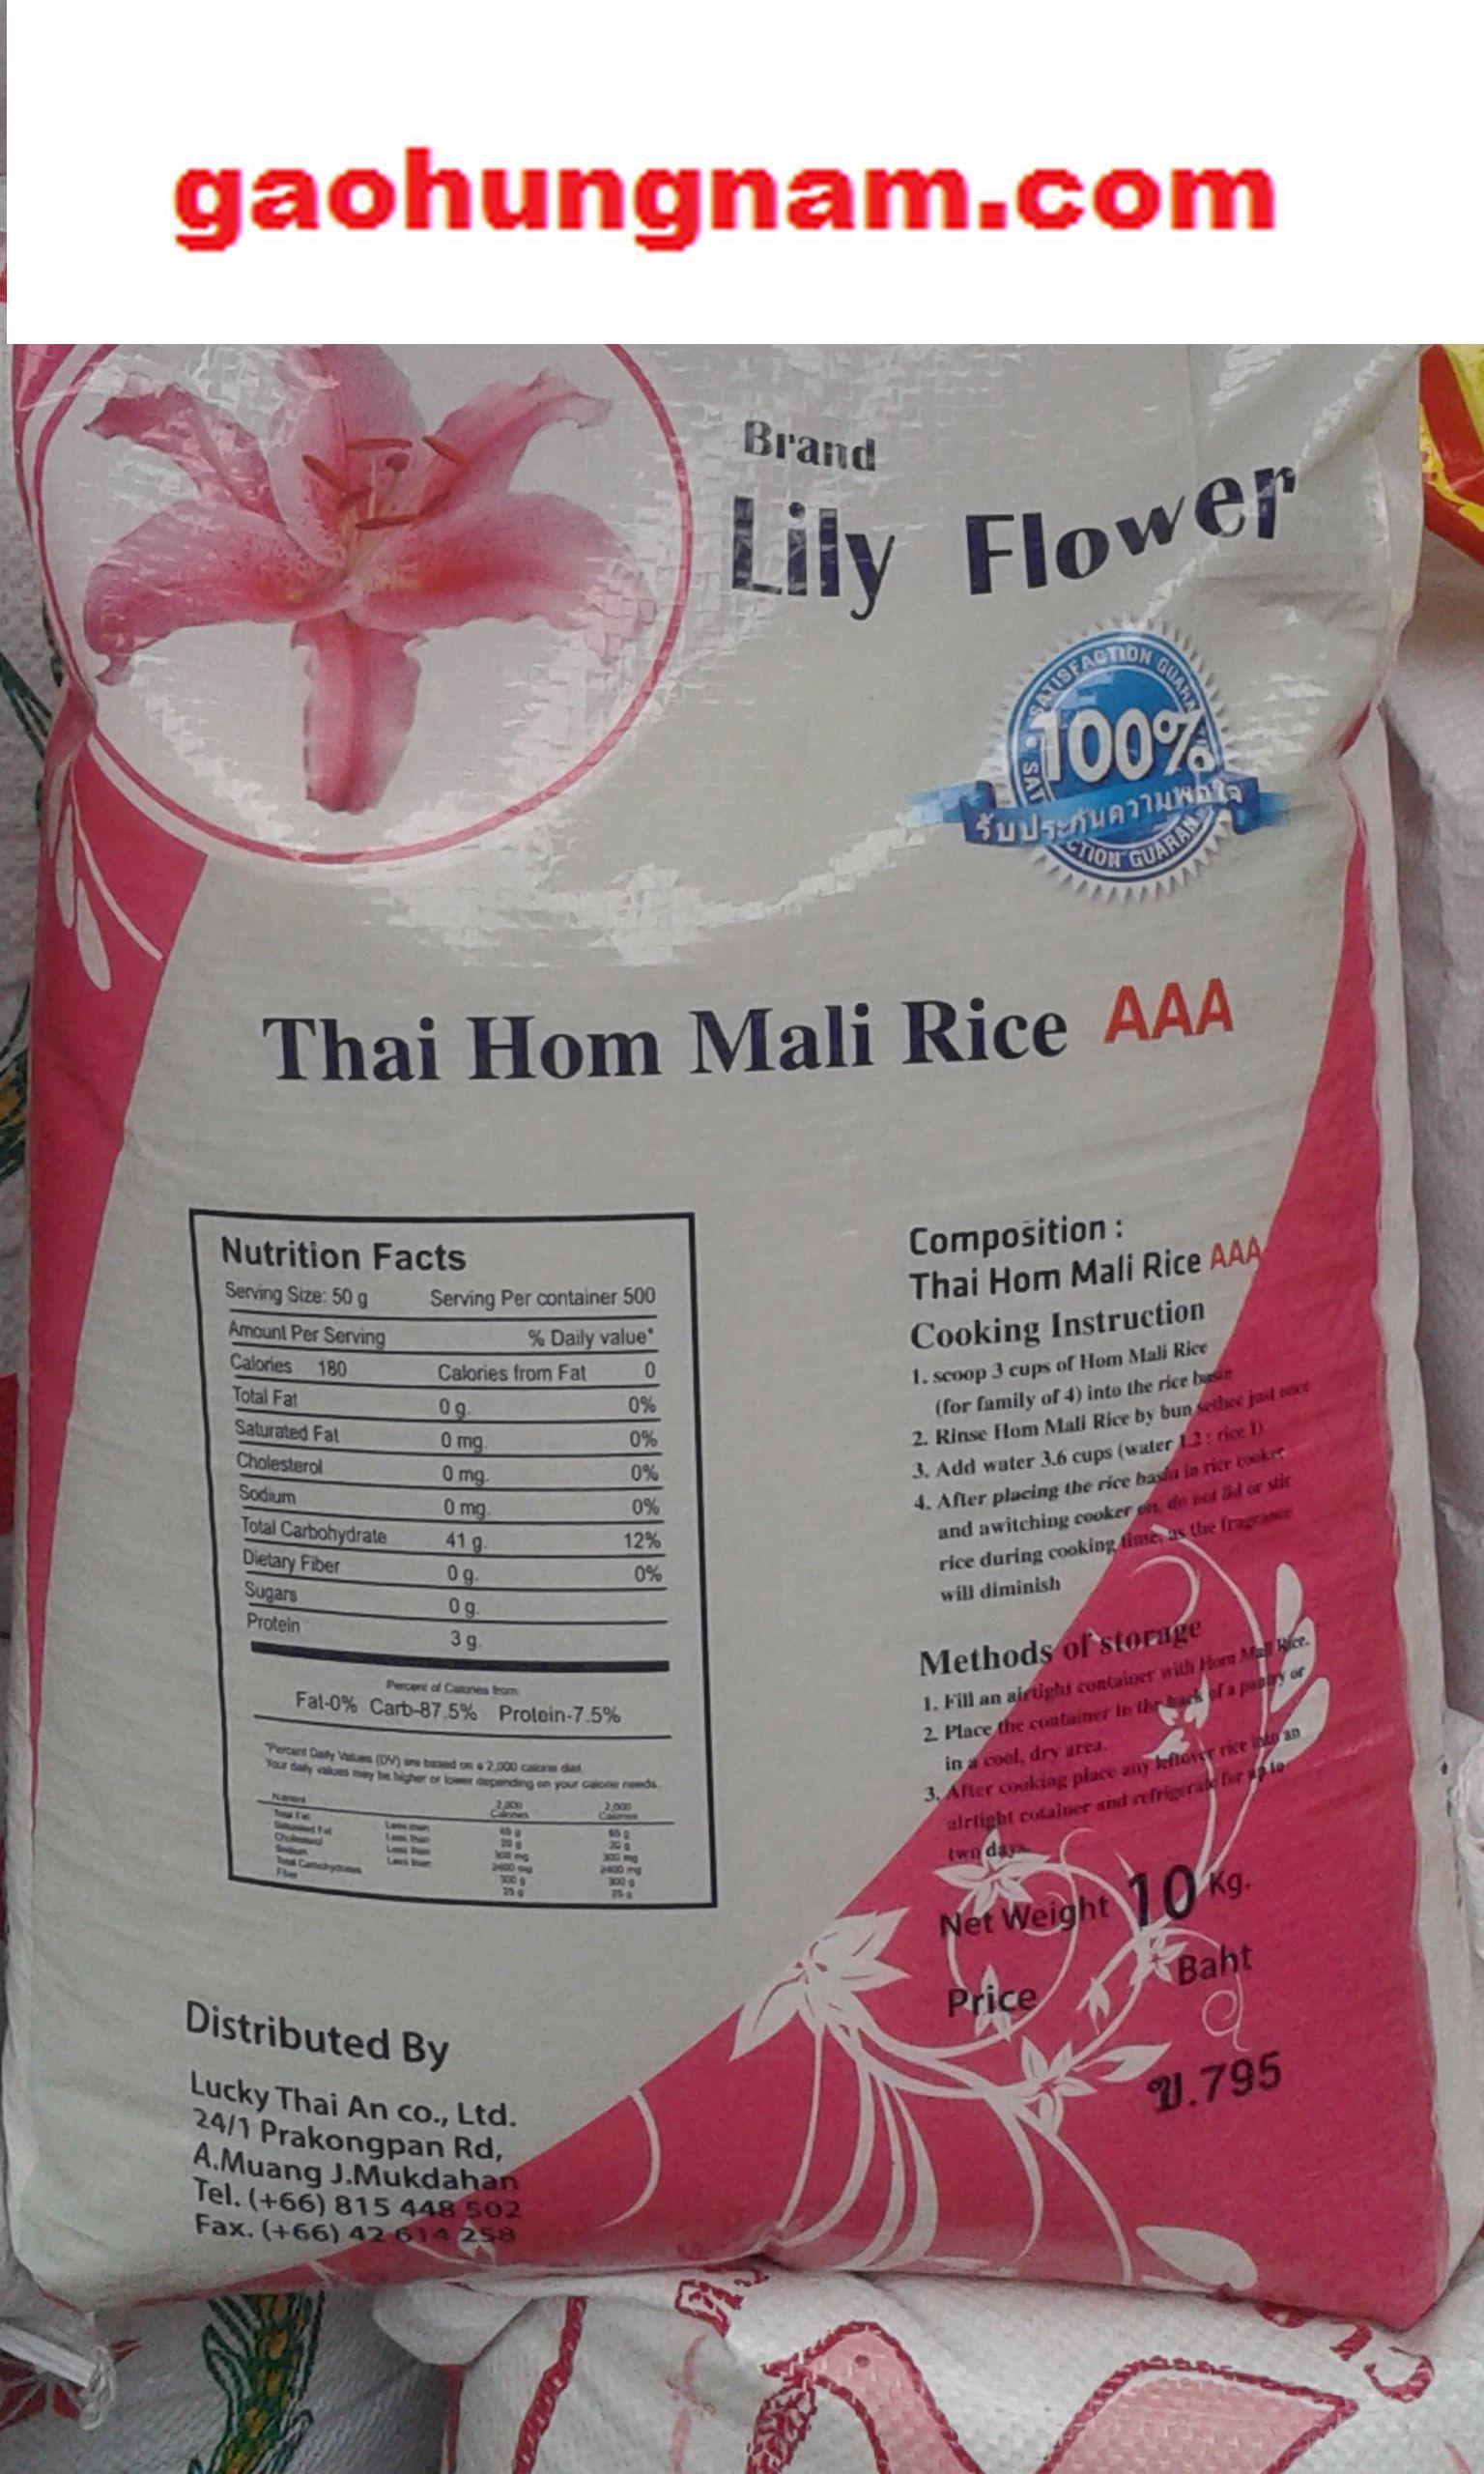 Deal Giảm Giá Gạo Thái Lan Hom Mali Hoa Ly 10kg - Gaohungnam.com - Gạo Hưng Nam - Chỉ Bán Tại Hà Nội